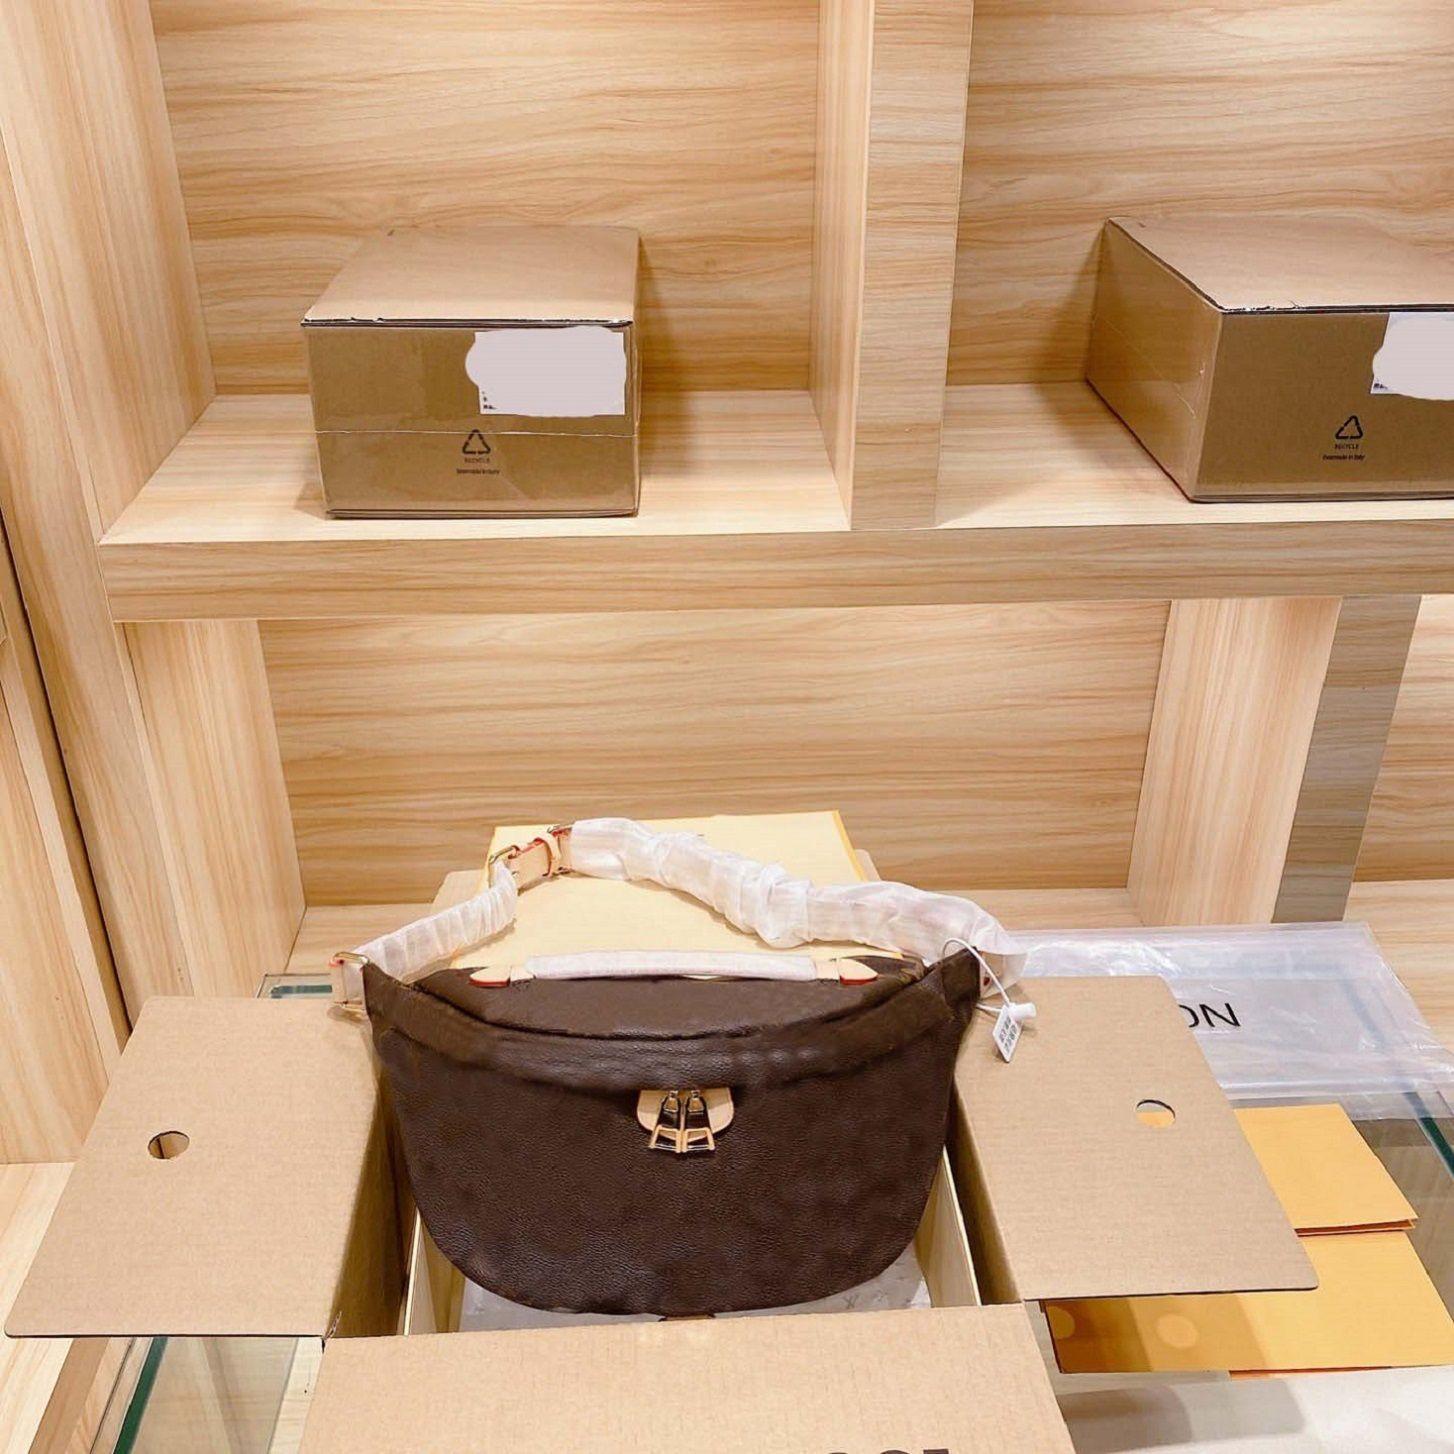 Design Waistbags Das Mulheres Peito Crossbody Bag Moda carta de Moda Luxo Viagem Estilo Vintage Top Quality Senhoras Sacos